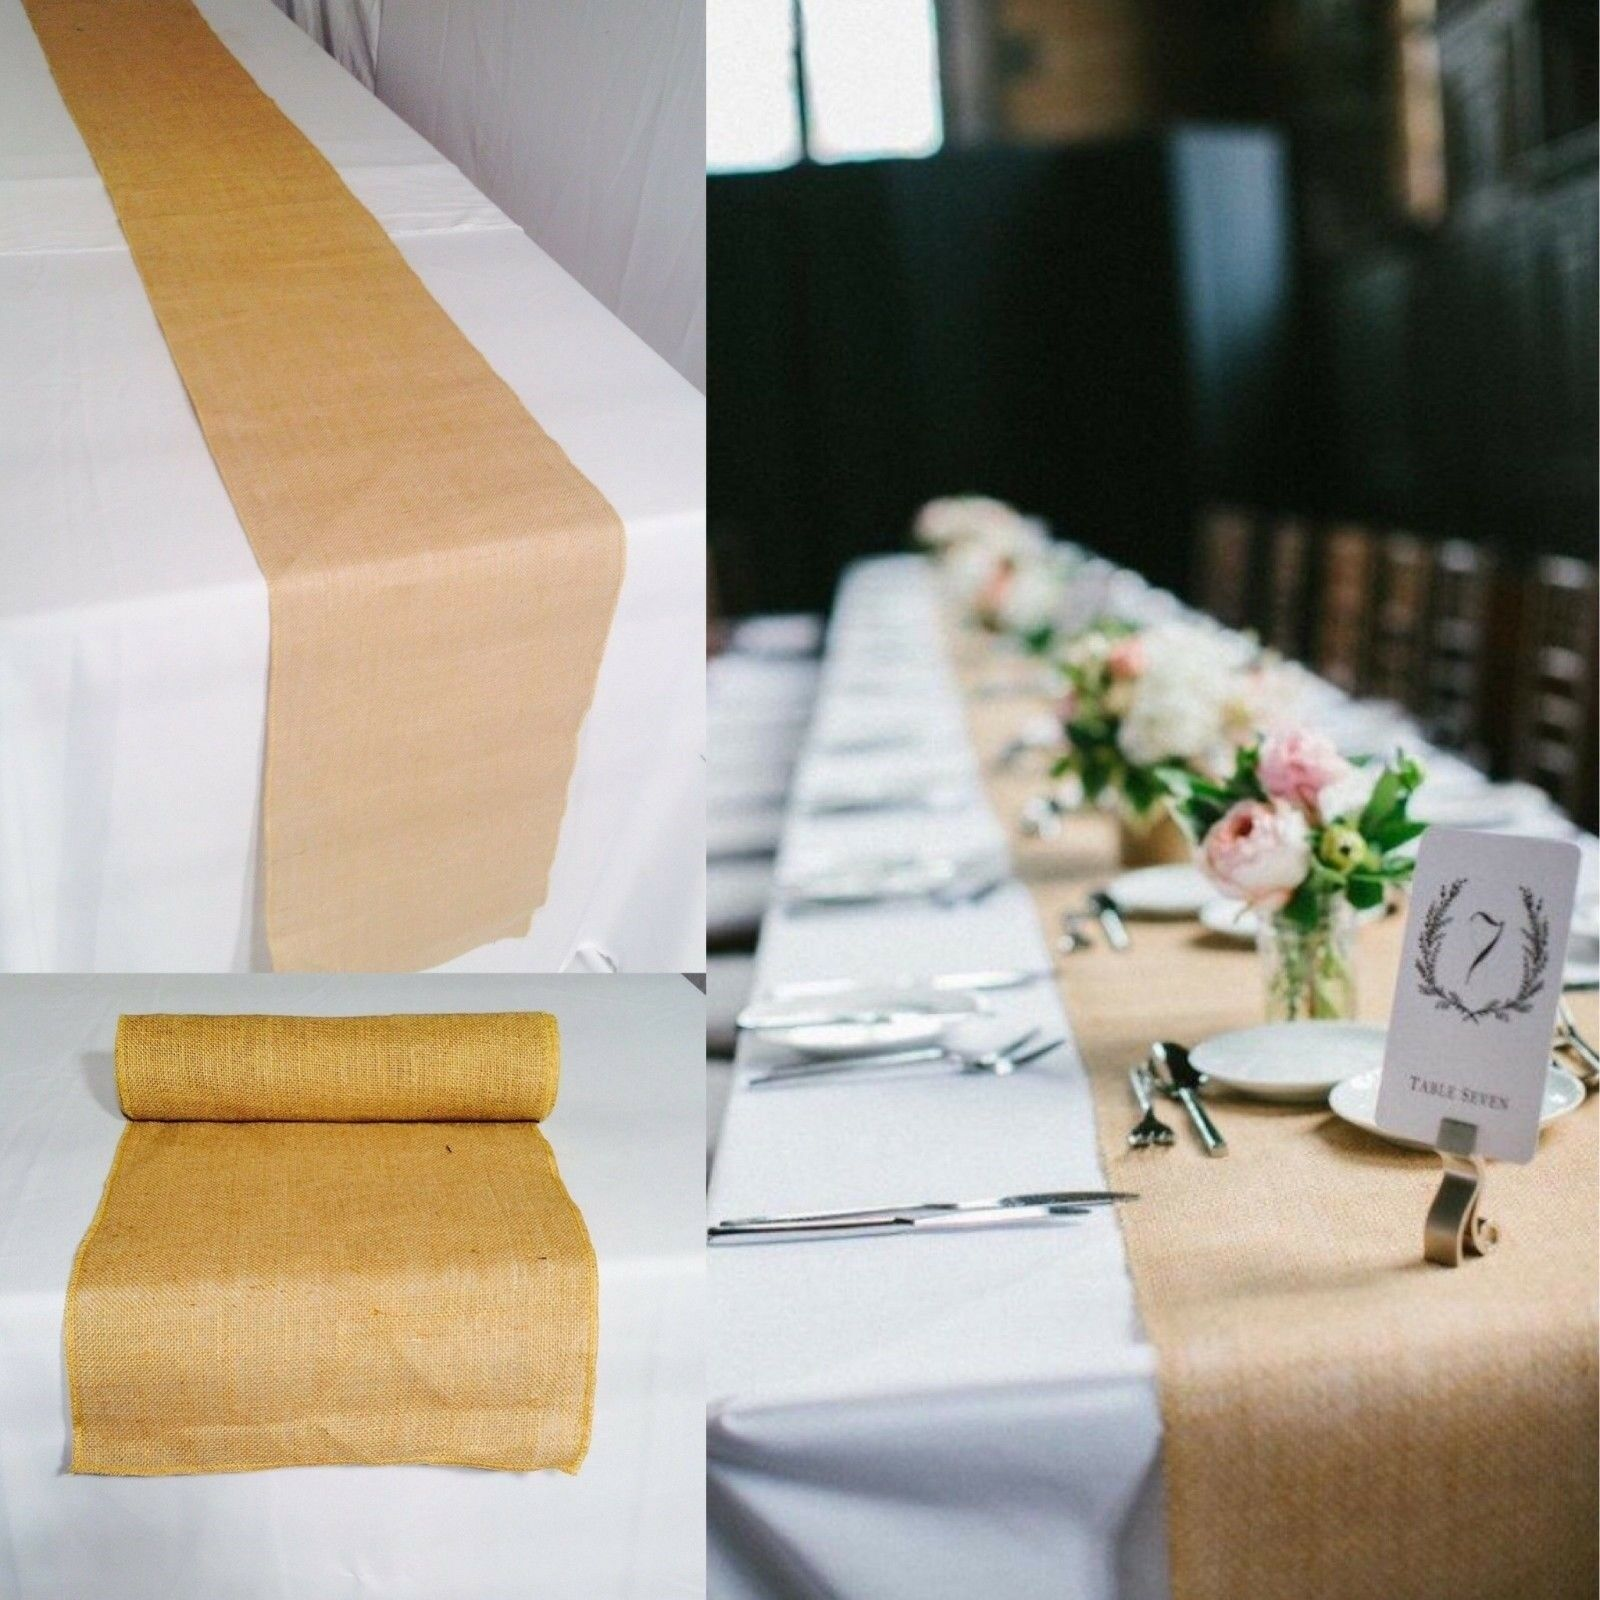 Lot de 20 Toile De Jute Table Runner 14  X 108  100% Jute Toile De Jute Table Décoration Mariage